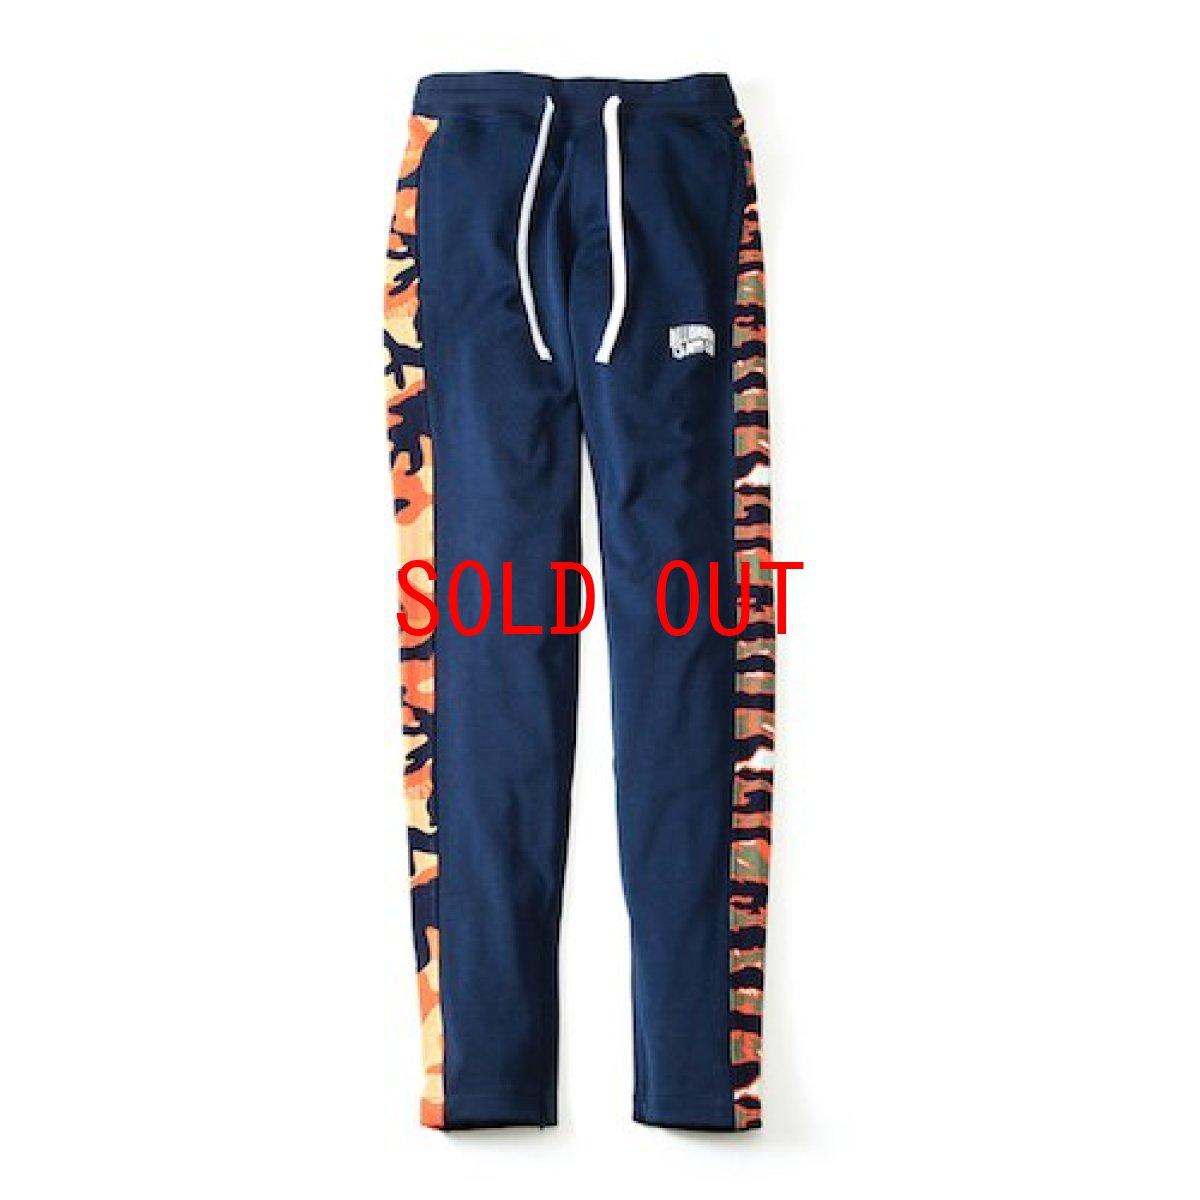 画像1: Billionaire Boys Club (ビリオネアボーイズクラブ) Change Up Pants Navy トラックパンツ (1)